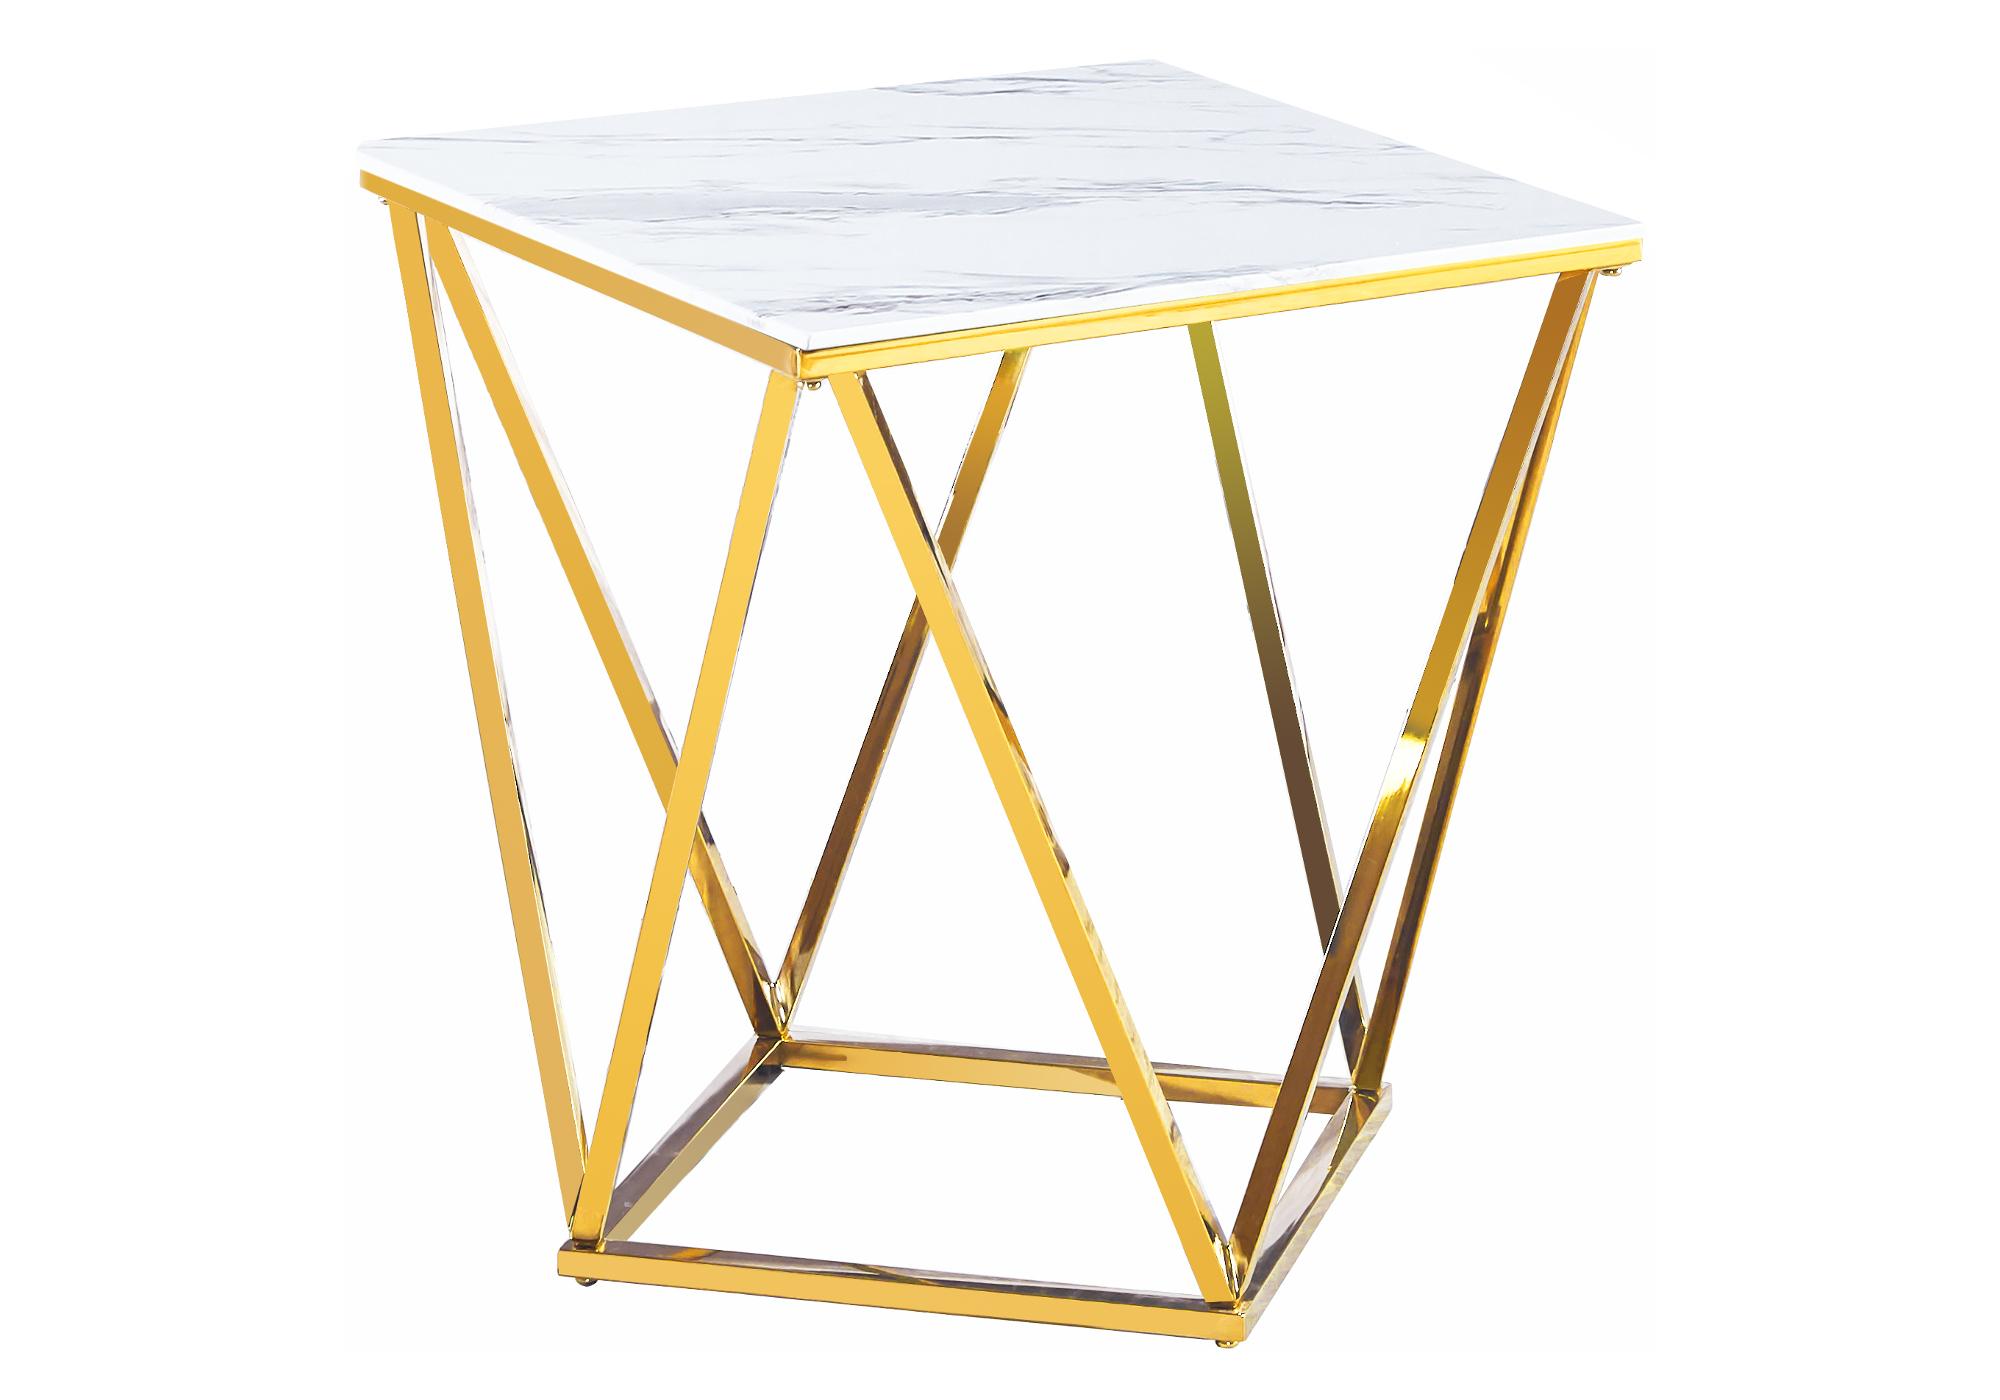 Bout canapé doré marbre blanc ILÉA